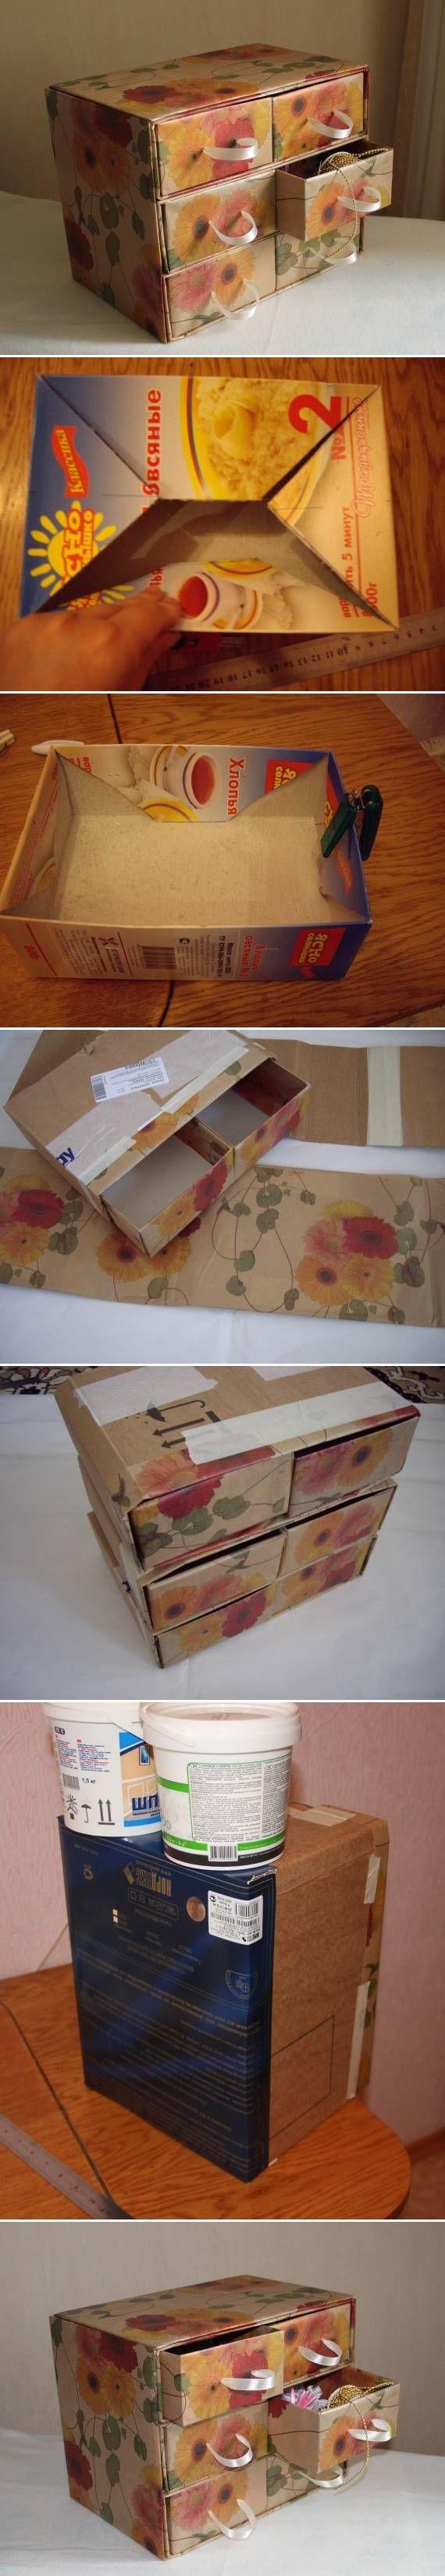 DIY Chest of Cardboard